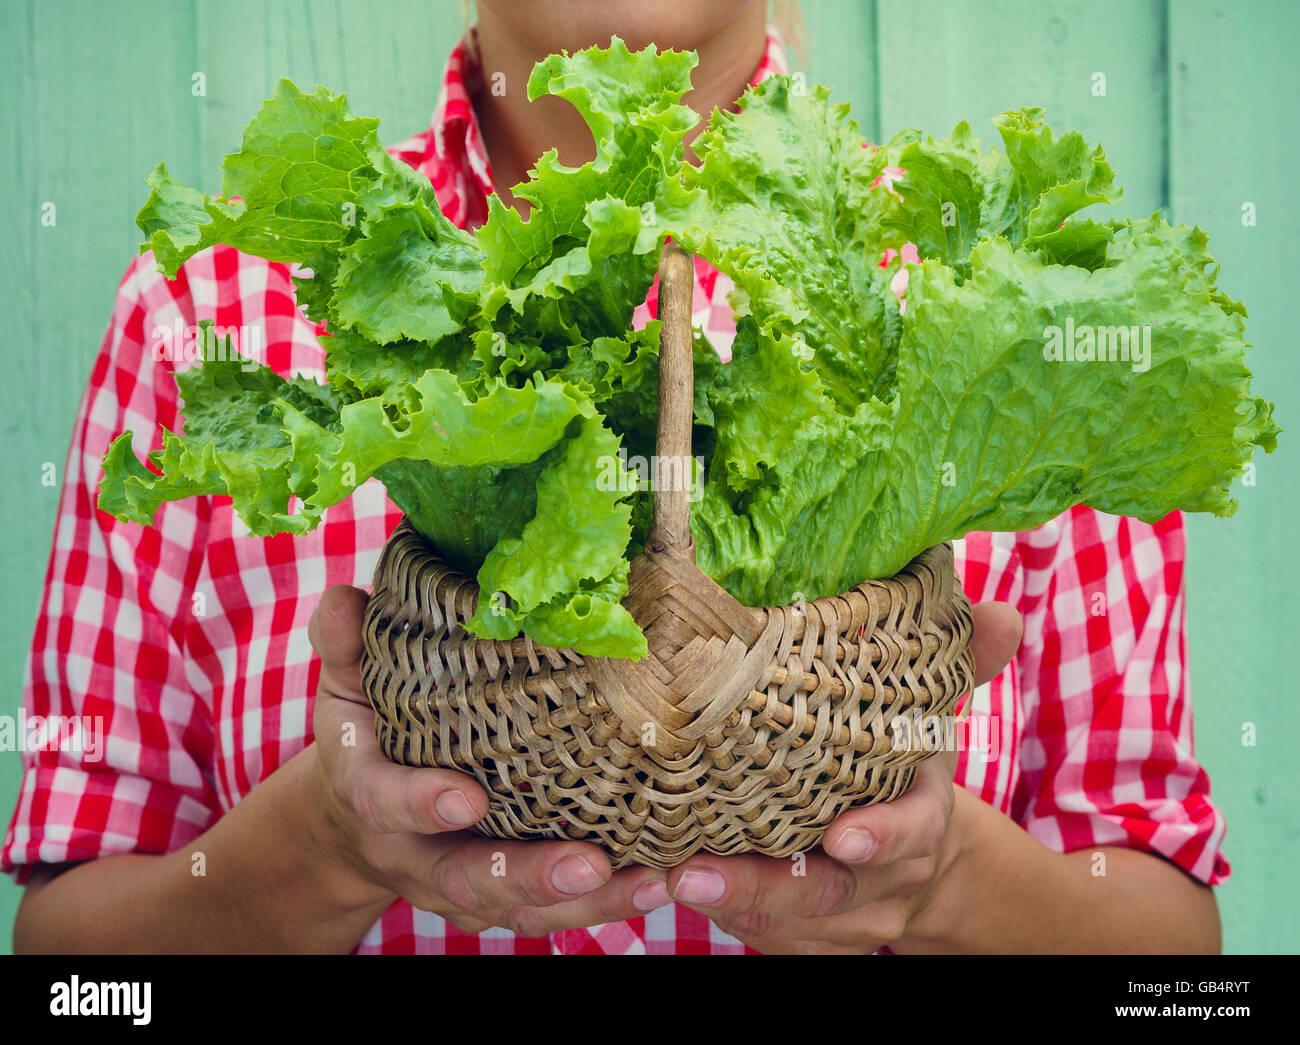 b335c2fe8d2e0a Blonde Mädchen auf Türkis Hintergrund hält Korb mit Salat. Rockabilly-Style.  Platz für